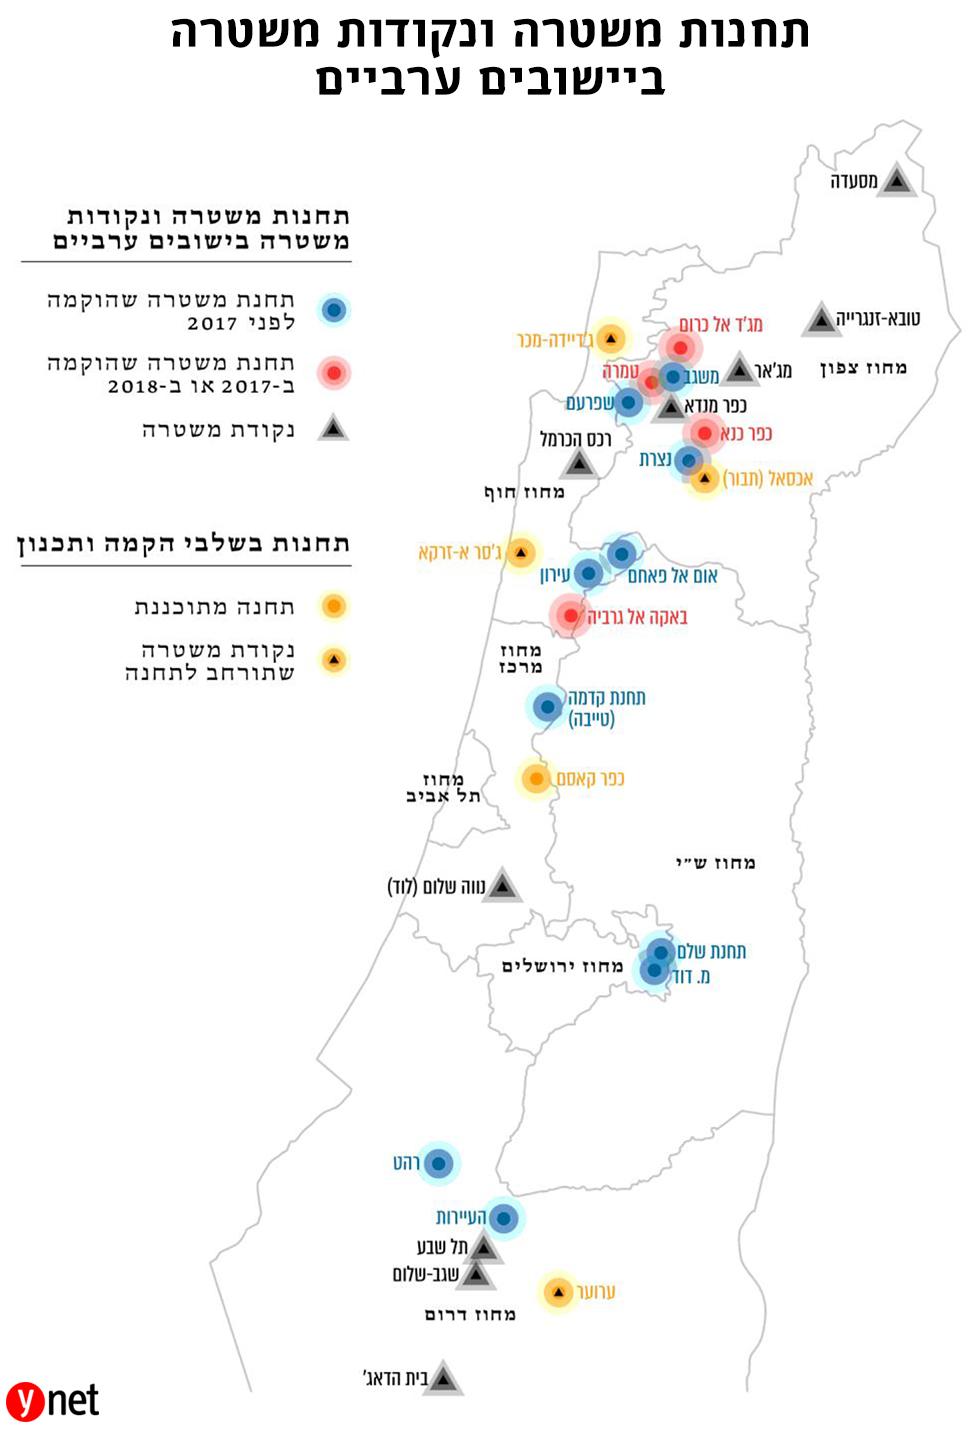 תחנות משטרה ונקודות משטרה ביישובים ערביים (מתוך דו